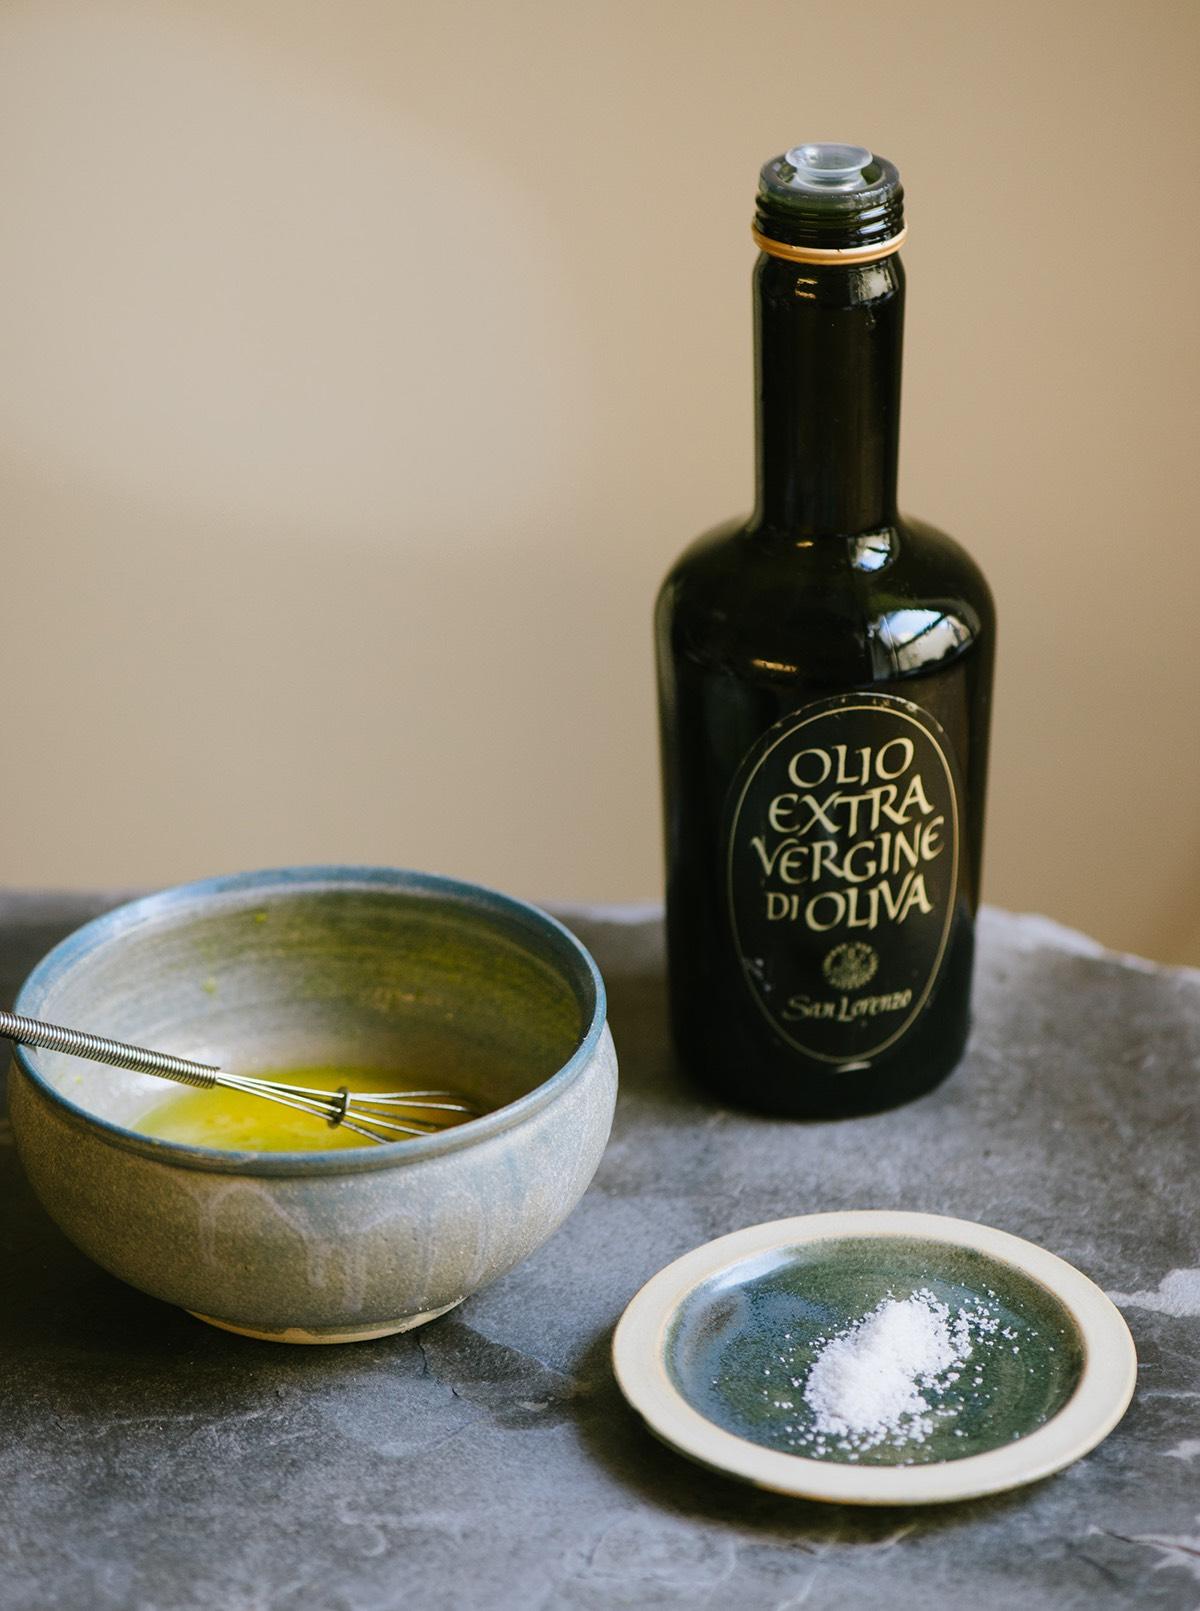 Salatdressing mit Olivenölflasche und Salz